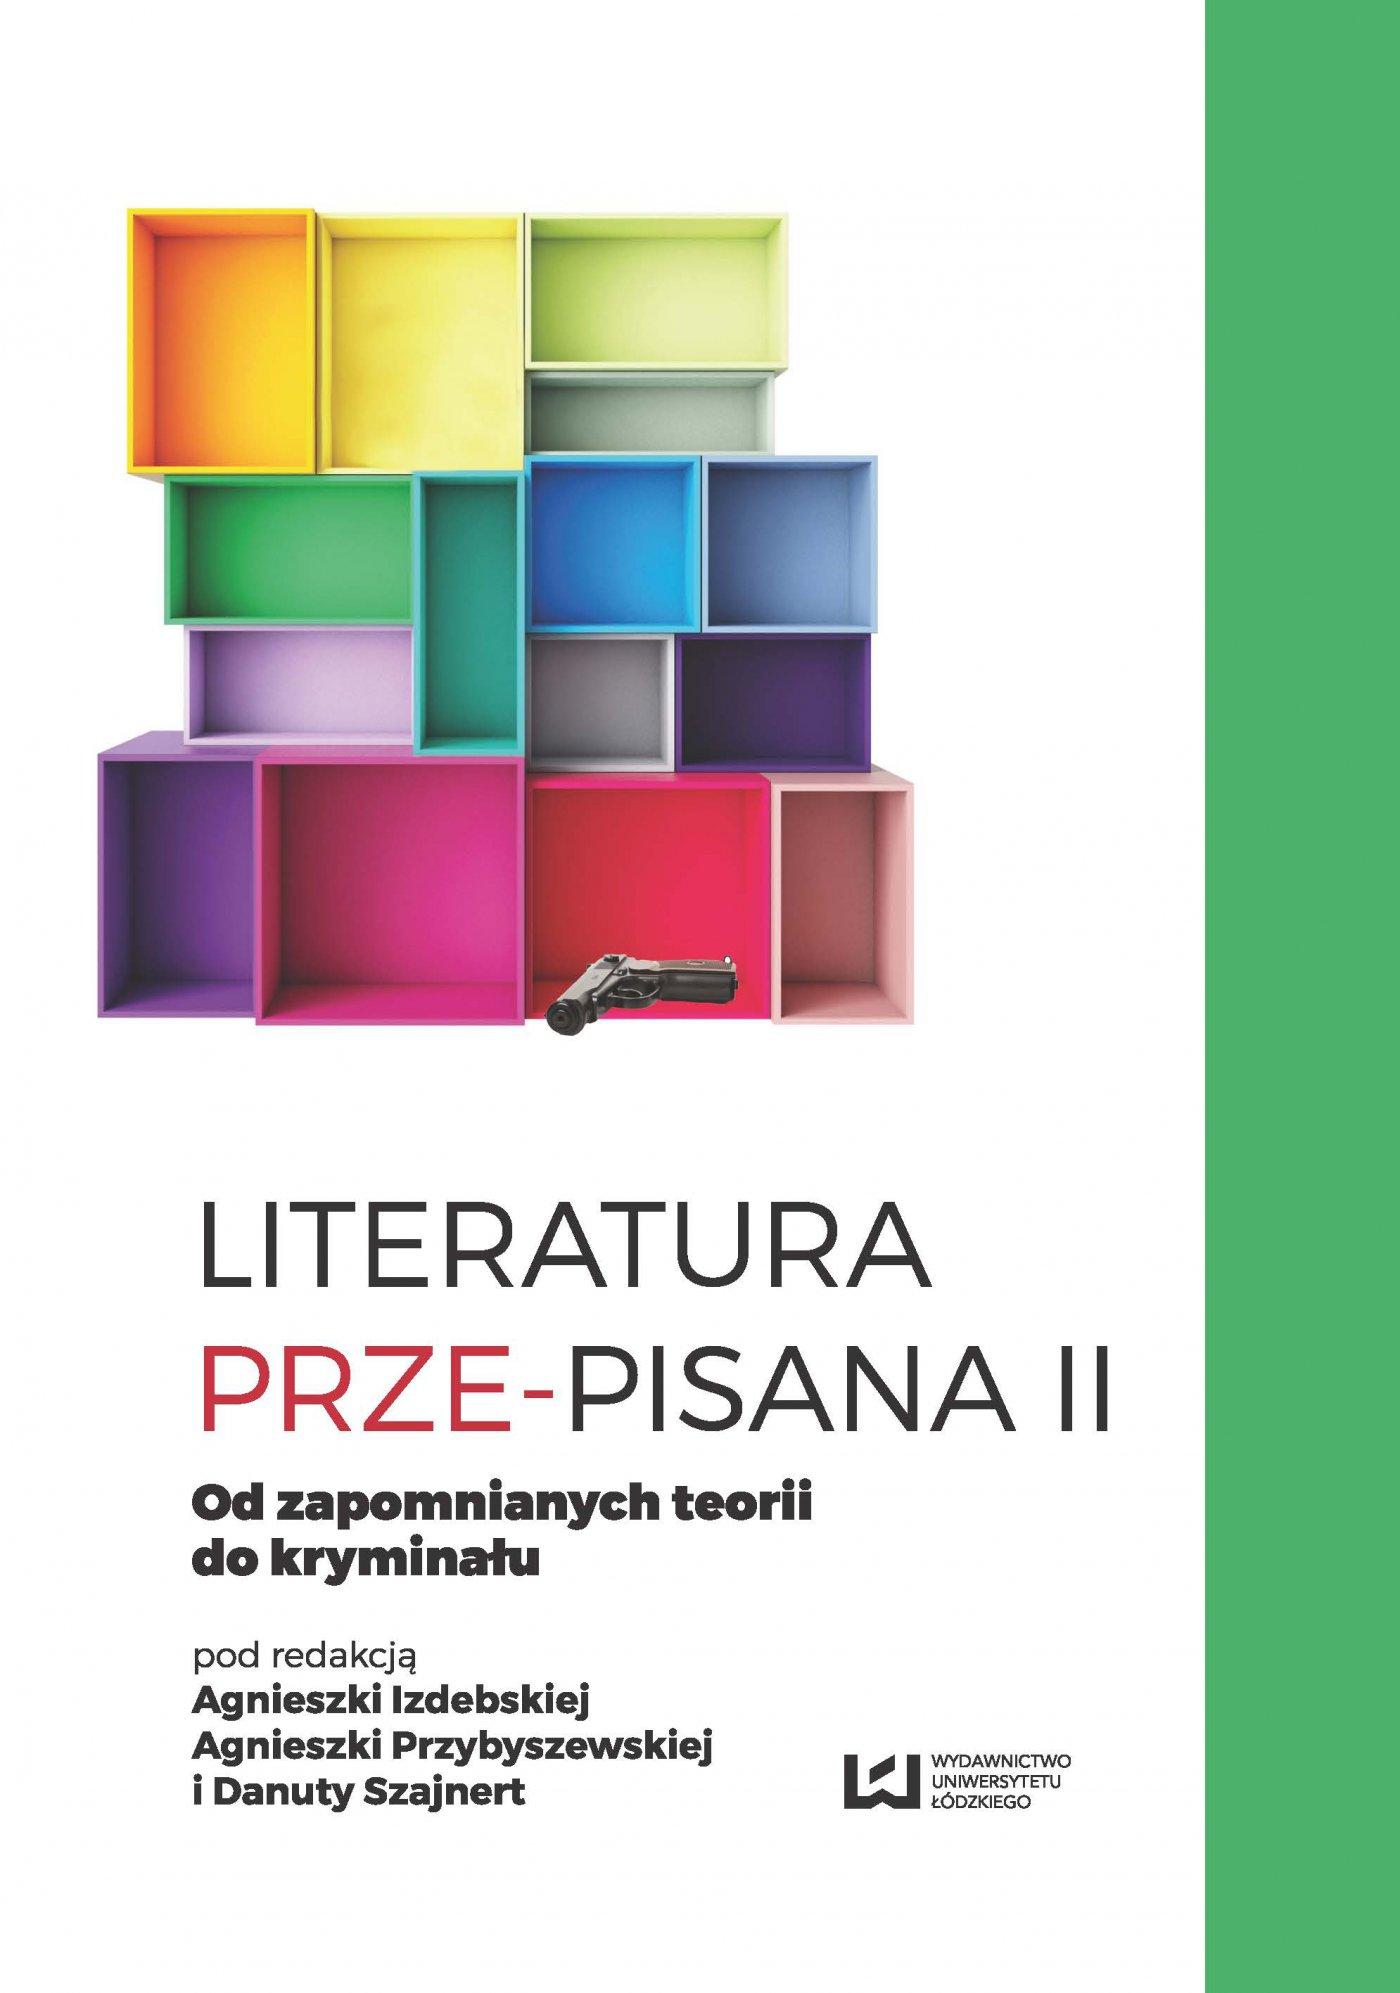 Literatura prze-pisana II. Od zapomnianych teorii do kryminału - Ebook (Książka PDF) do pobrania w formacie PDF